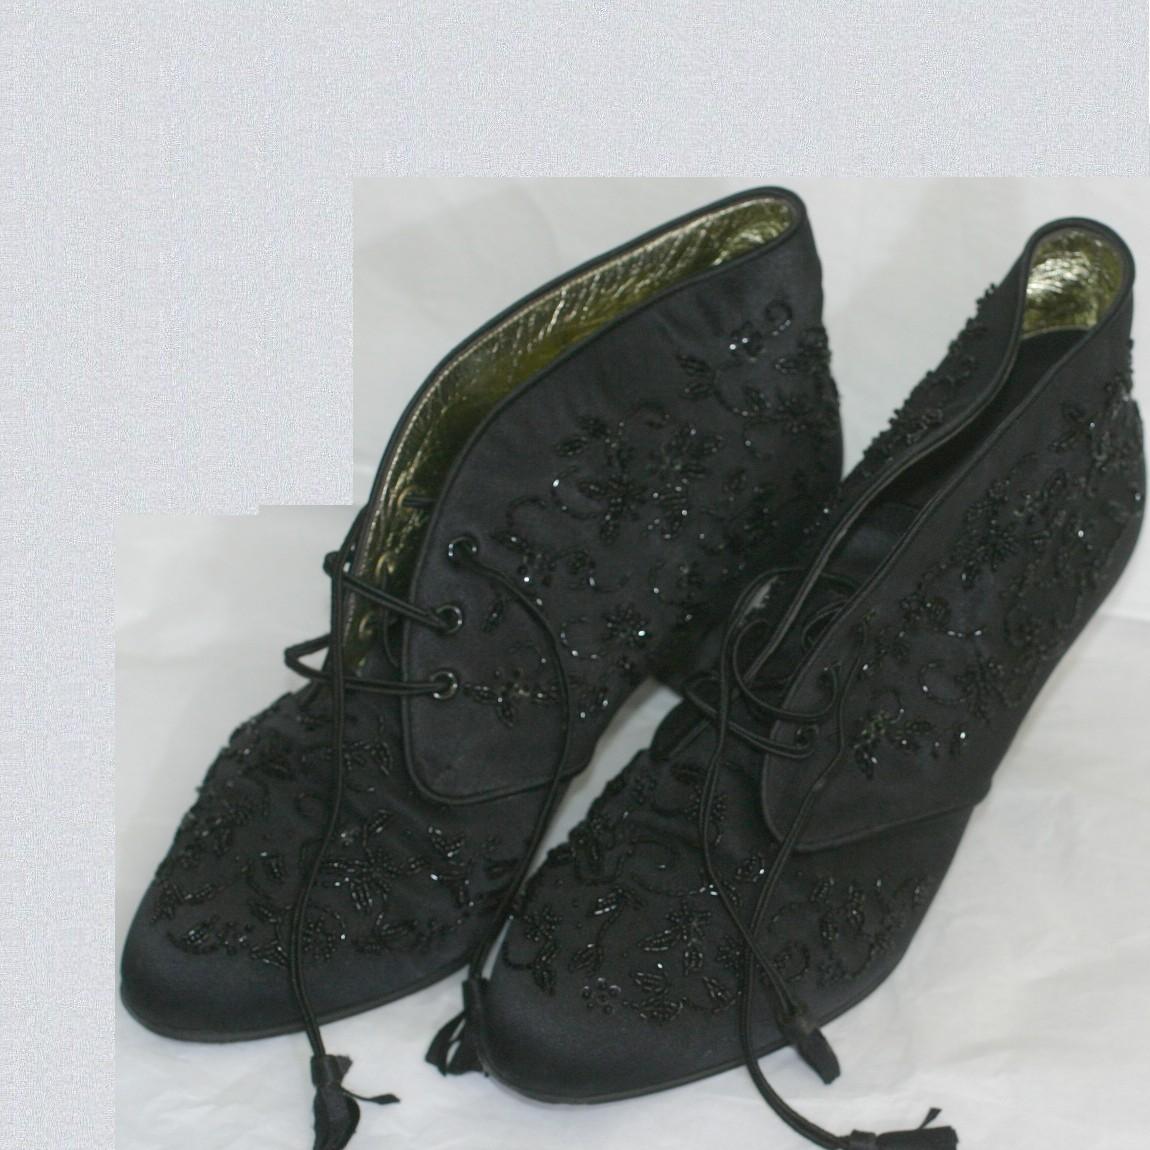 【中古】本物外観新品同様シャネル女性用綺麗なサテン地に黒いビーズが刺繍されている靴サイズ表記2 日本サイズ22,5cm